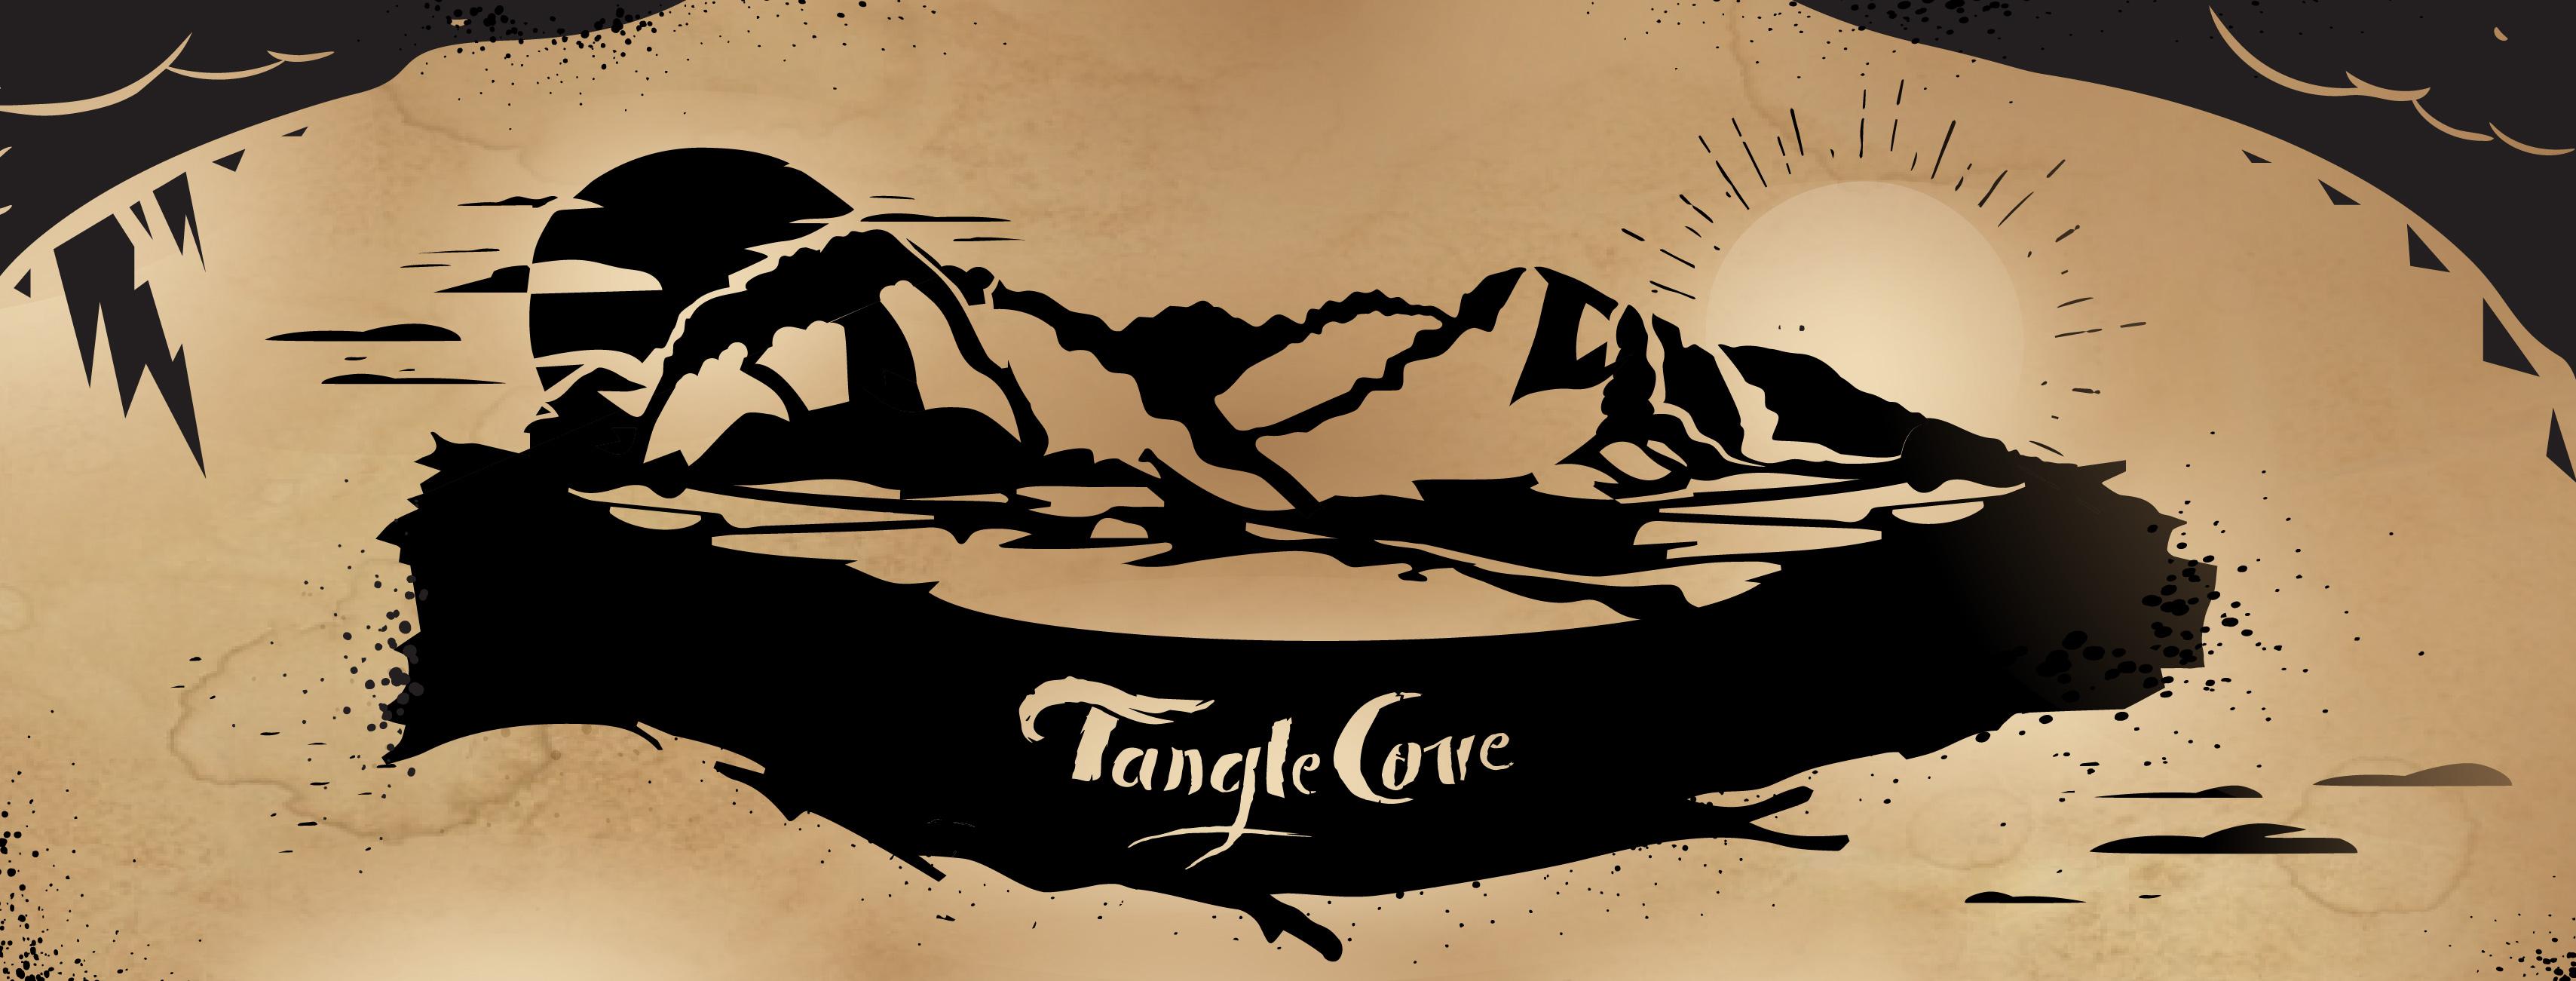 Tangle Cove